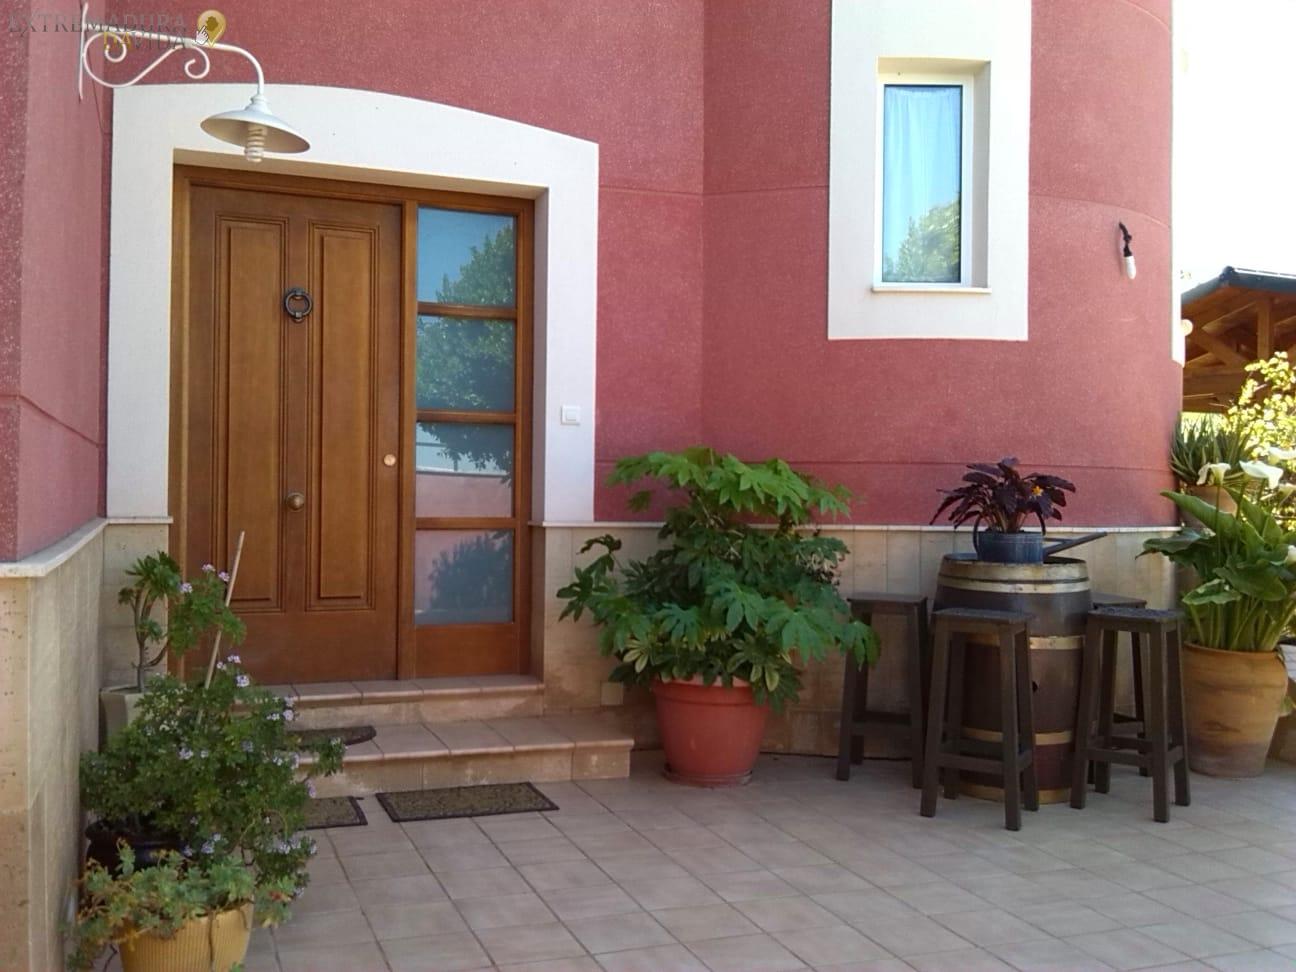 Venta de chalet o casa de lujo en Extremadura - Almendralejo